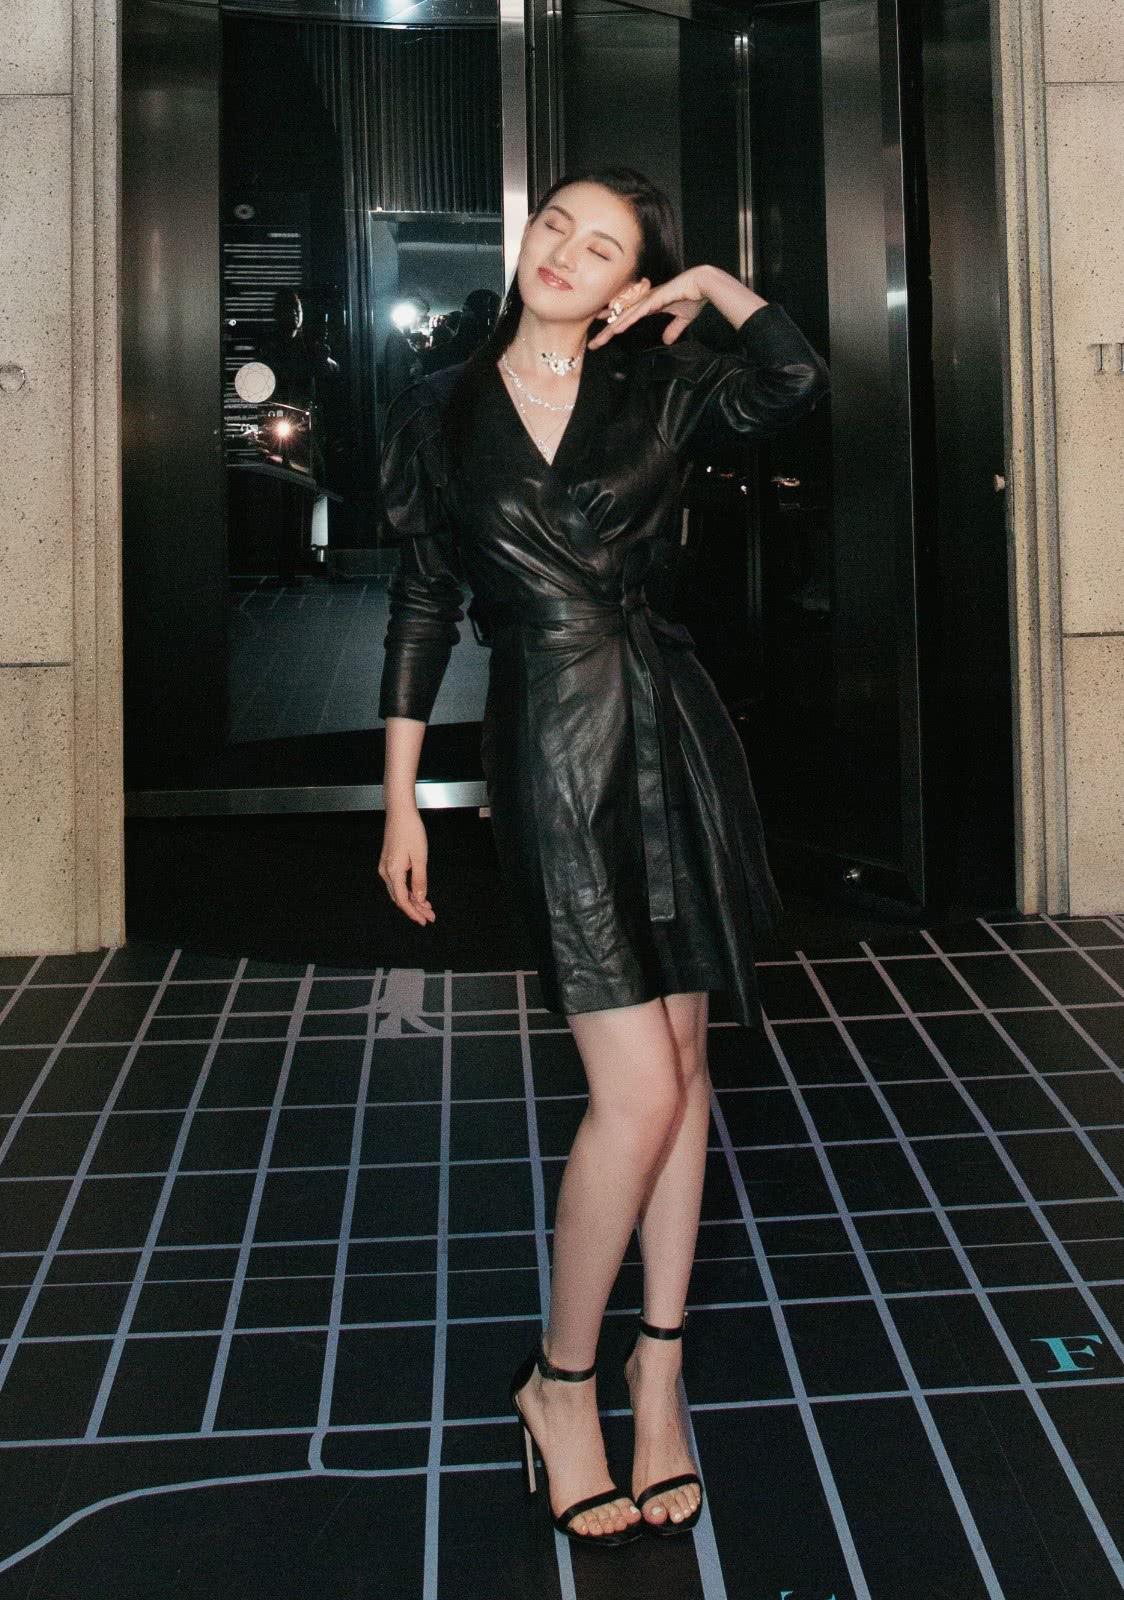 <b>宋祖儿穿皮裙配12厘米的鞋,双腿修长超吸睛,凑近看眼妆更出彩</b>